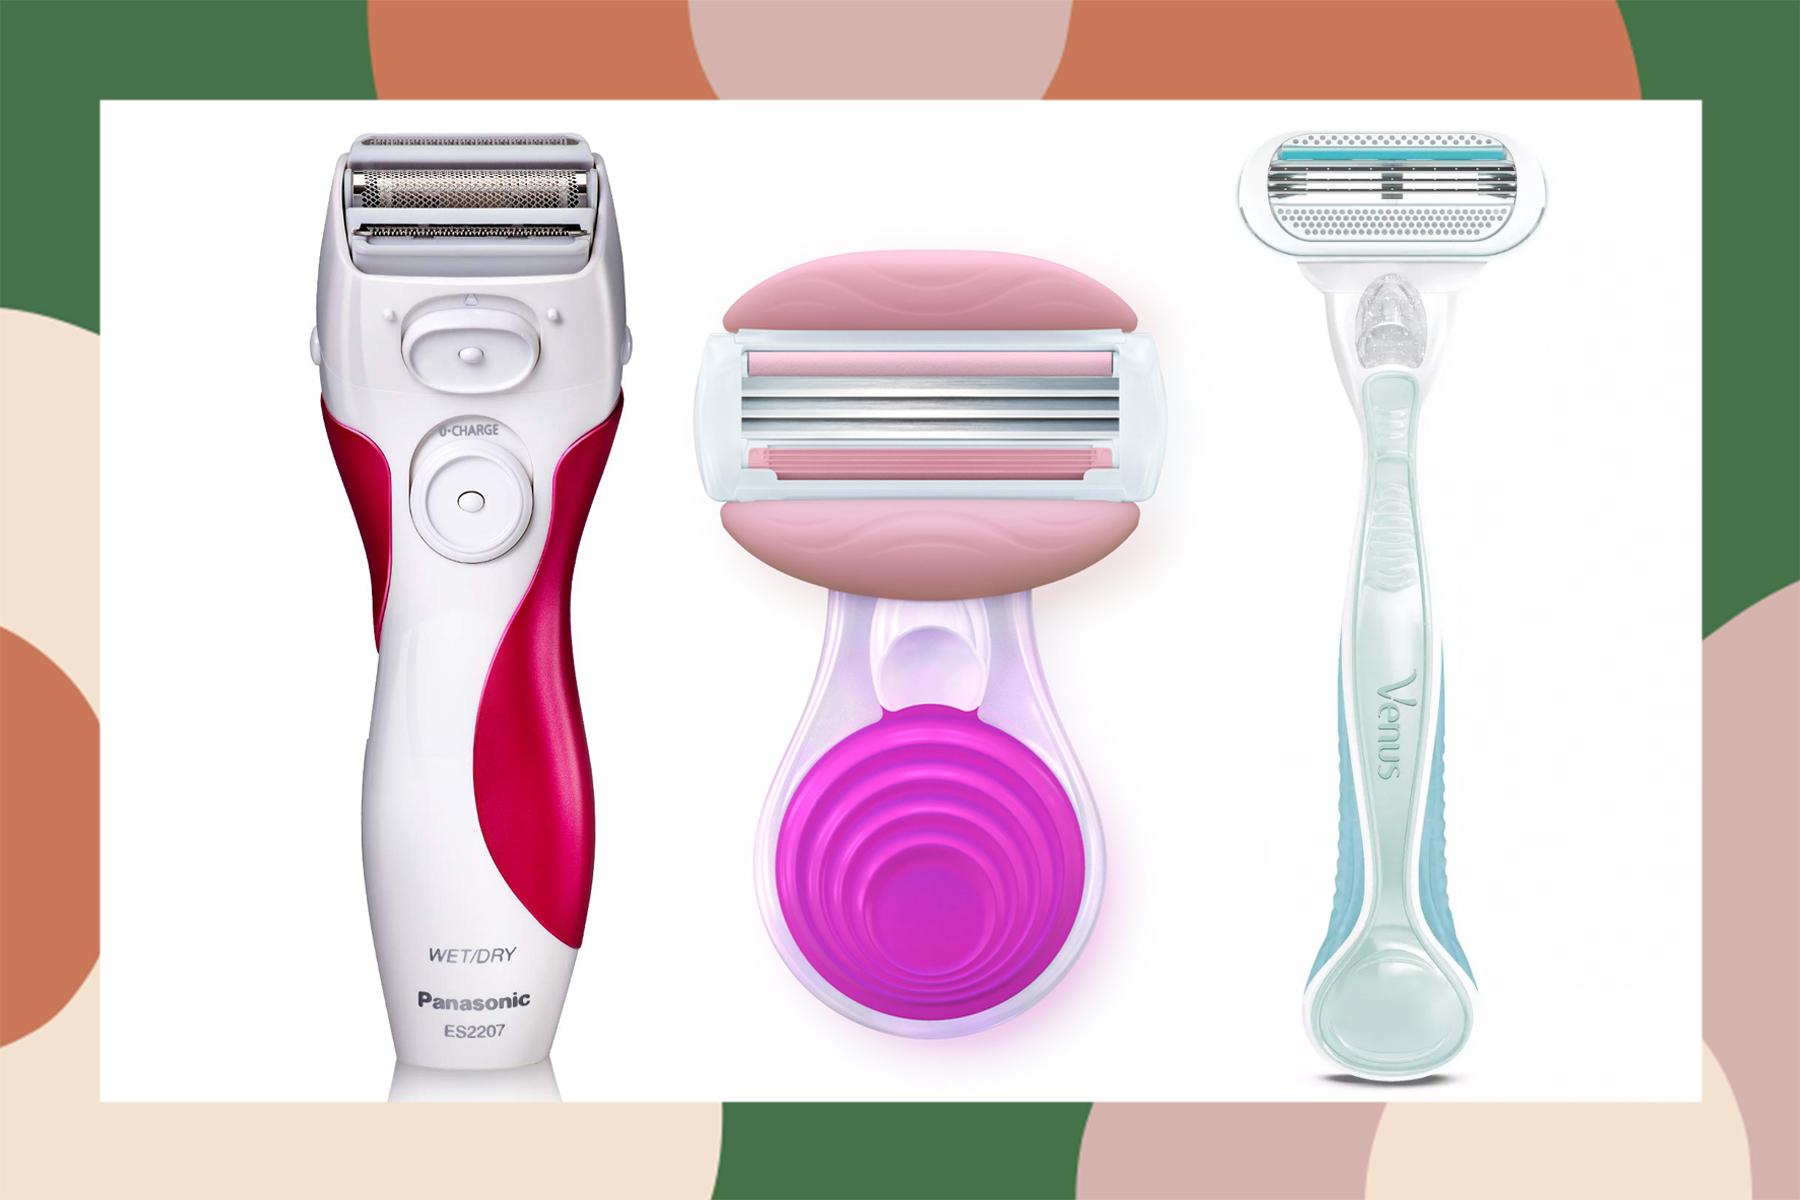 best razors for women 2021